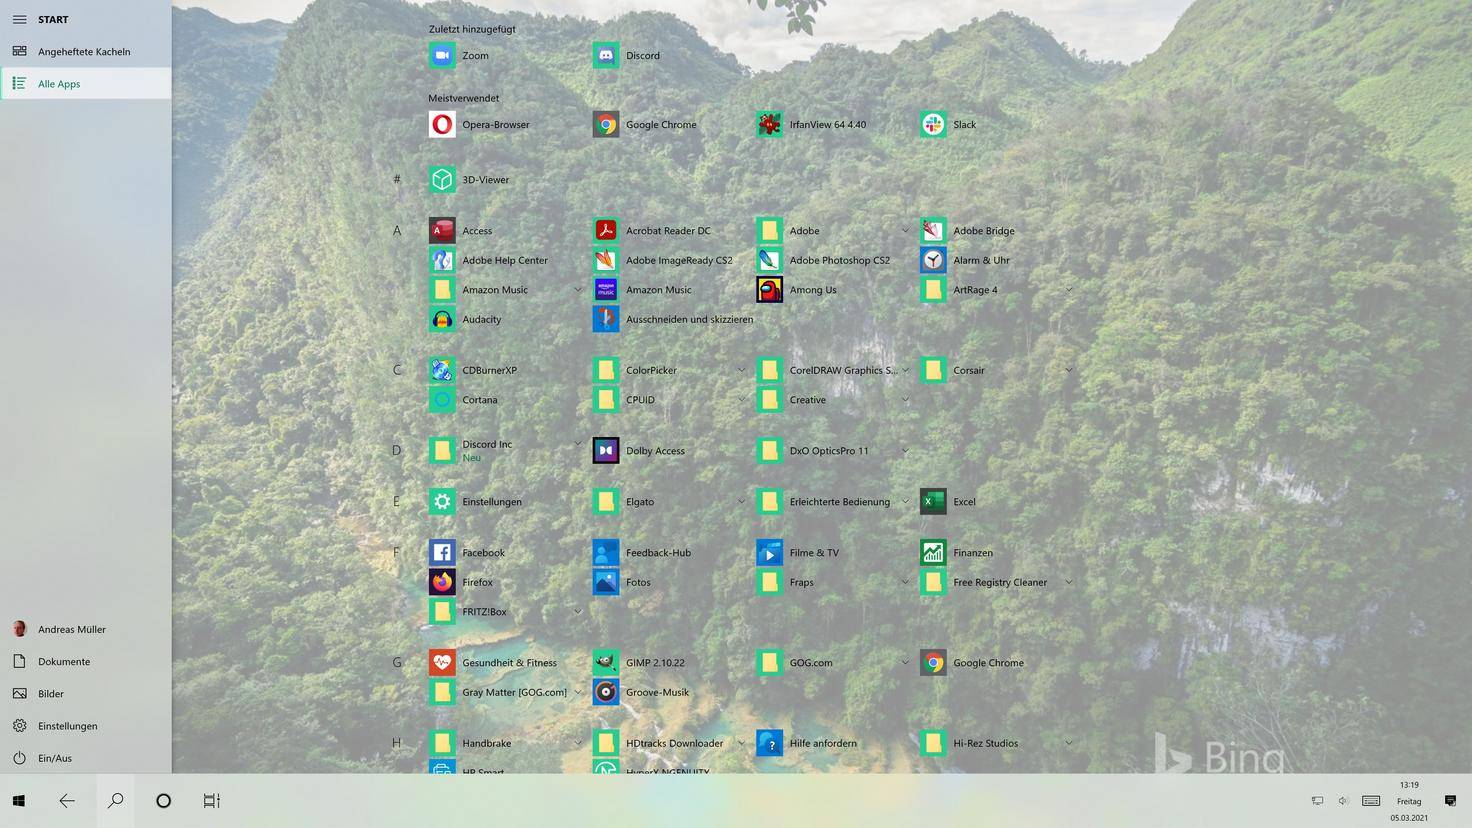 Tablette-Mode-App-Drawer-Windows-10